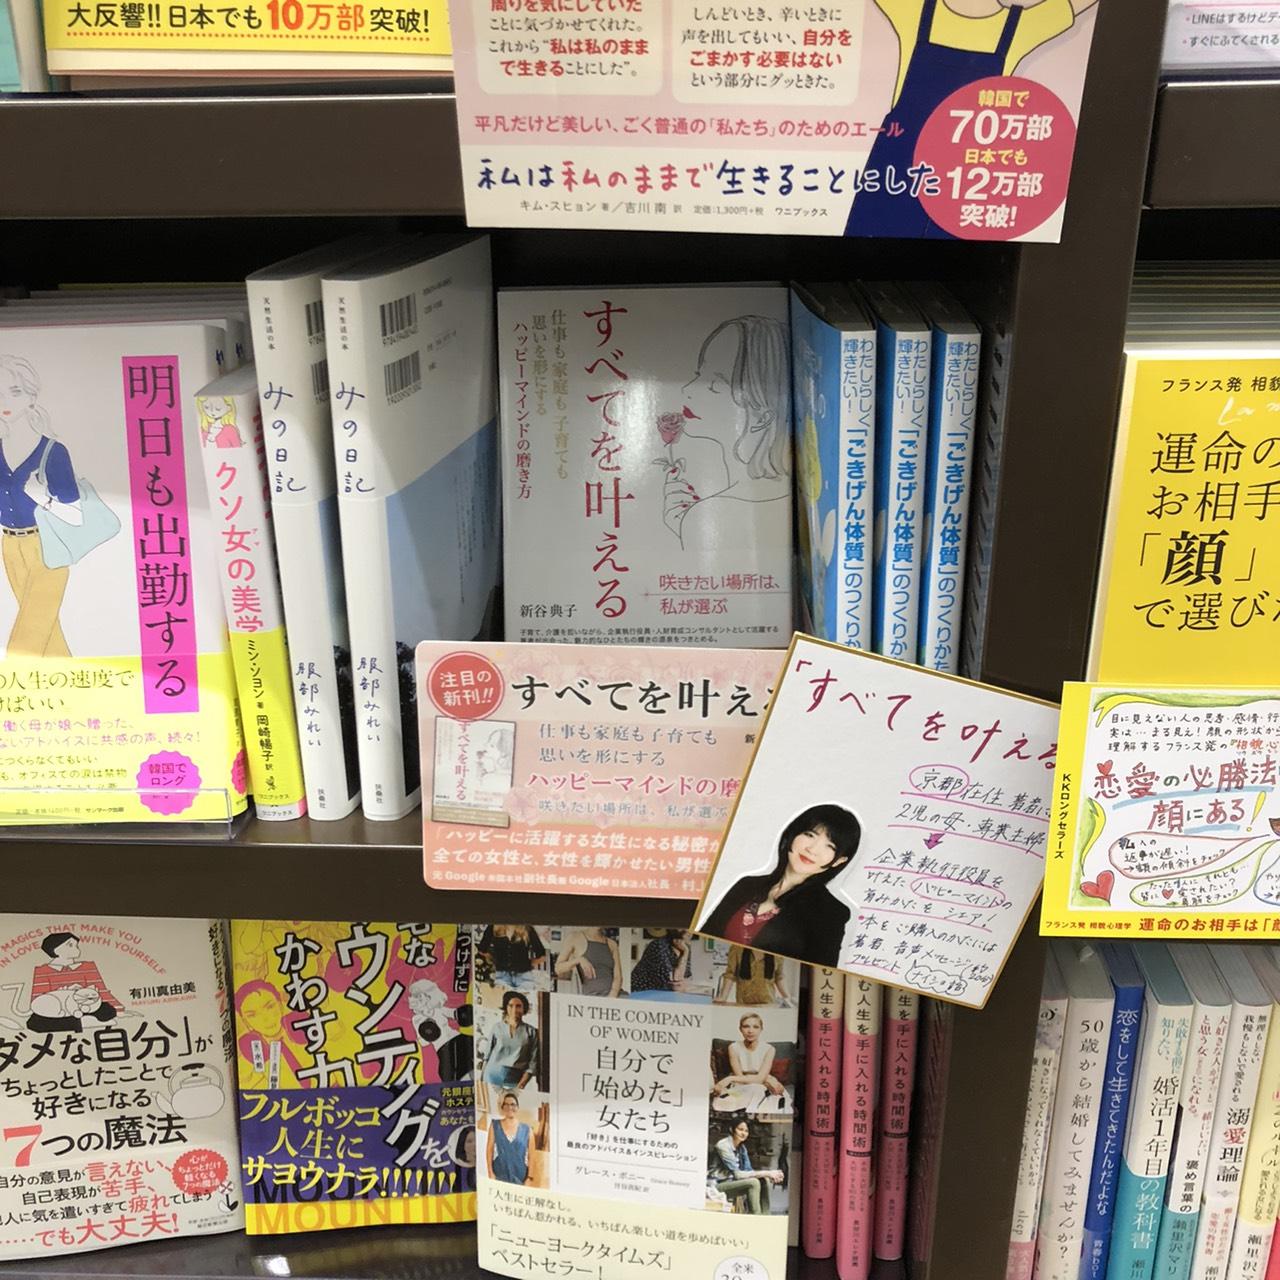 新刊『すべてを叶える』に、明橋先生から推薦コメントを頂きました!の画像3